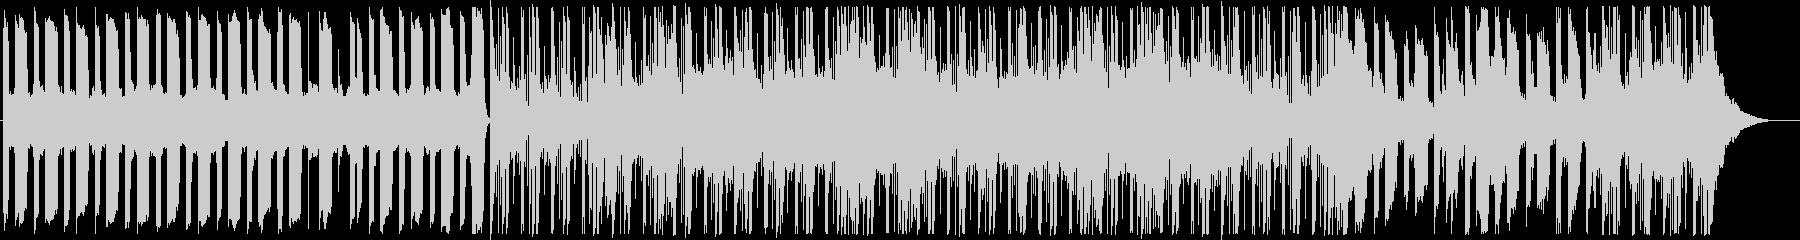 インダストリアル調のサイバーなBGMの未再生の波形